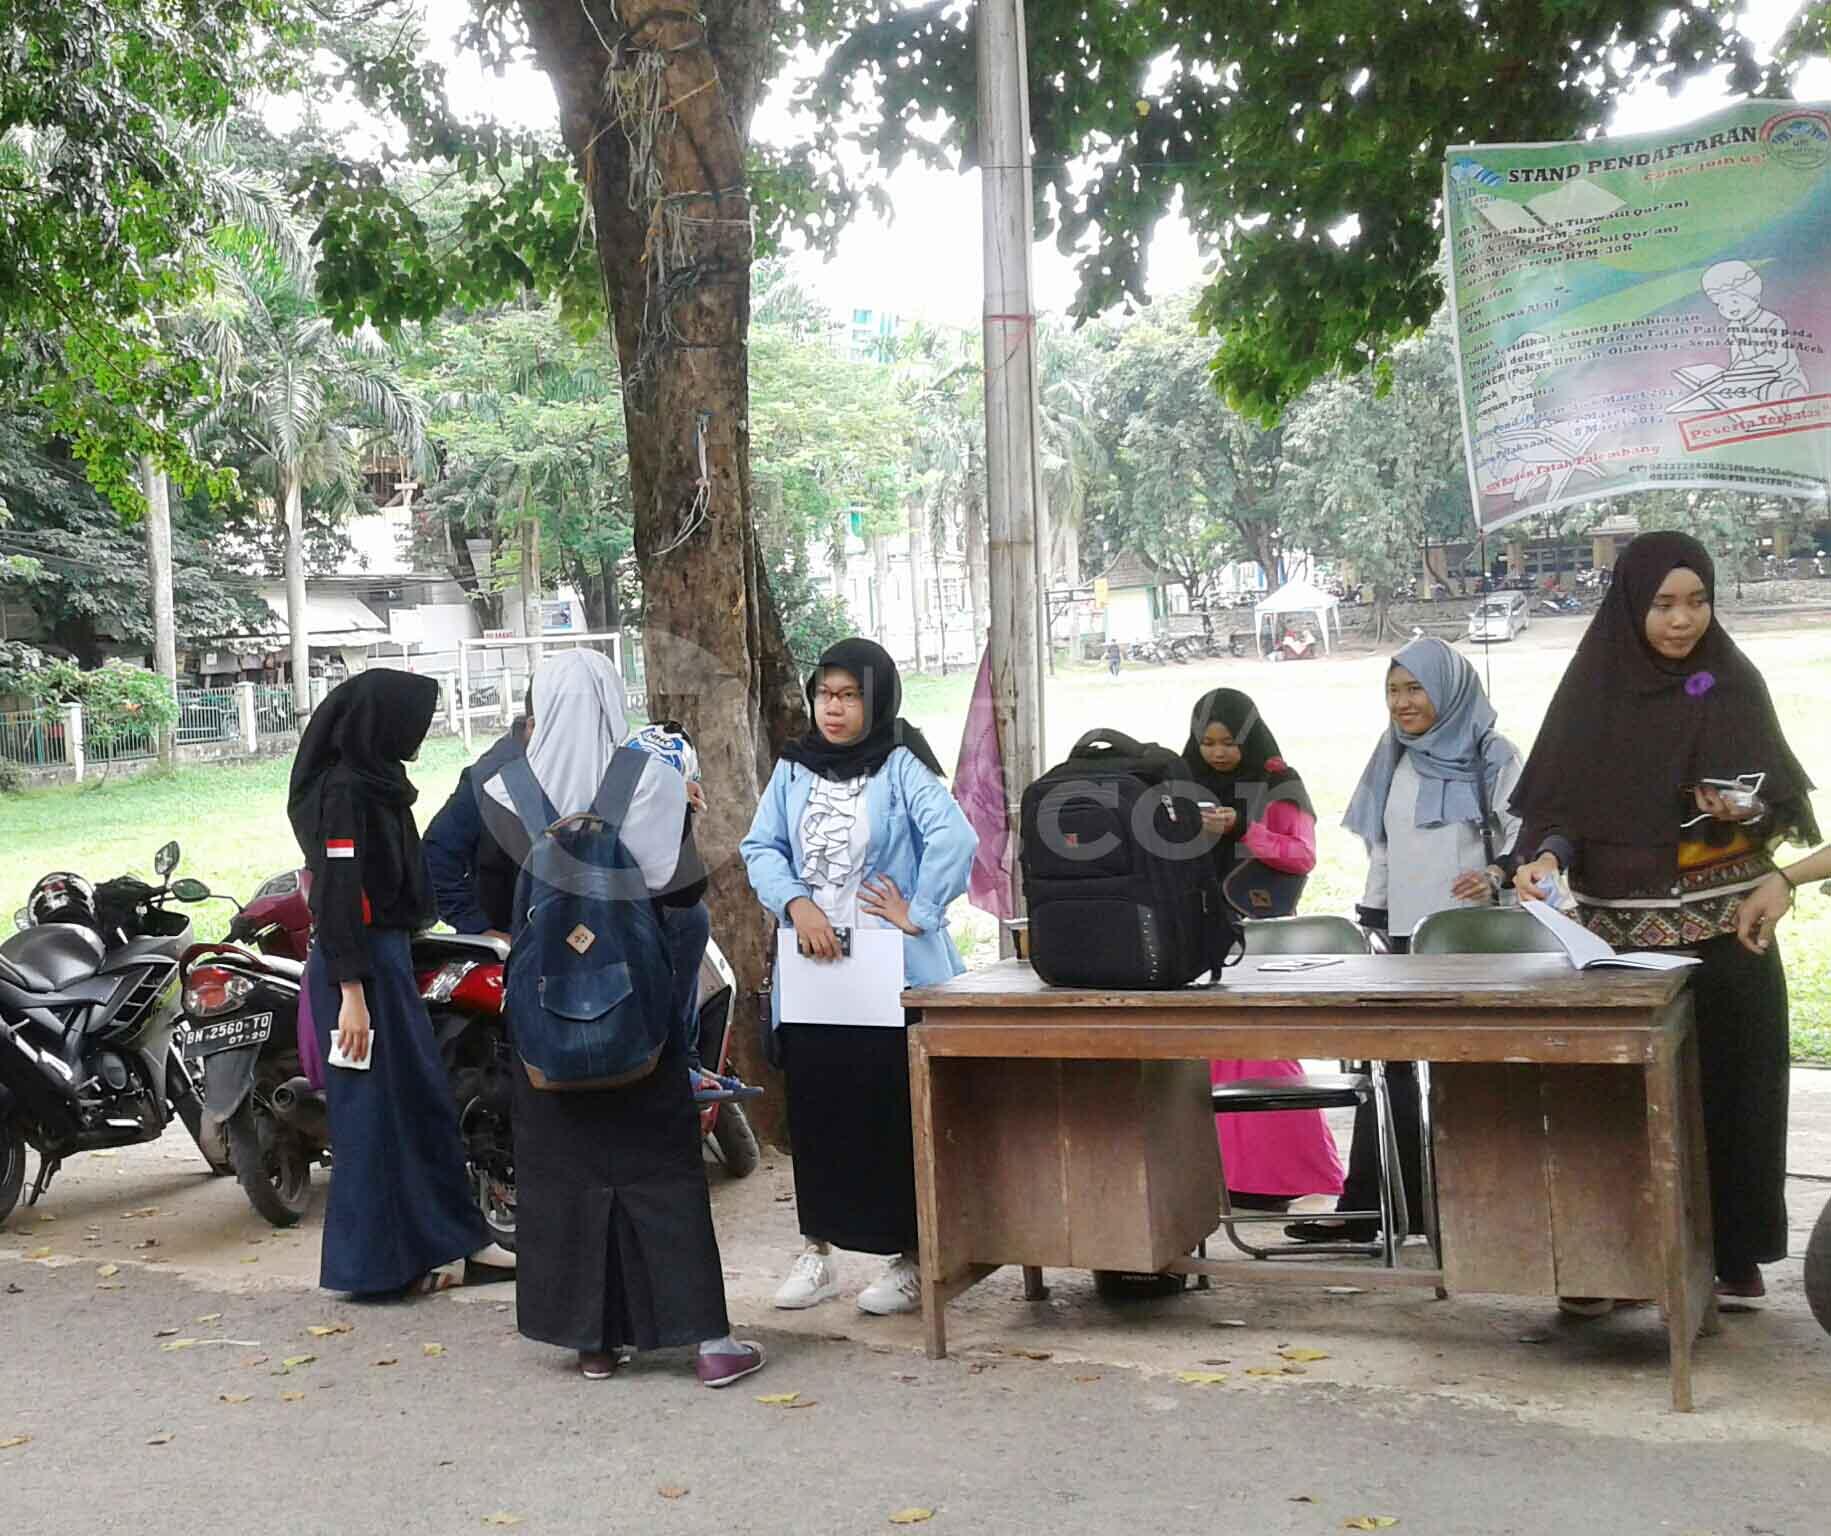 Beberapa mahasiswa terlihat sedang melakukan pendaftaran lomba Musabaqoh Tilawatil Qur'an (MTQ) dan Musabaqoh Syahril Qur'an (MSQ). Palembang, Rabu, (01/03/17). Ukhuwahnews/Uci